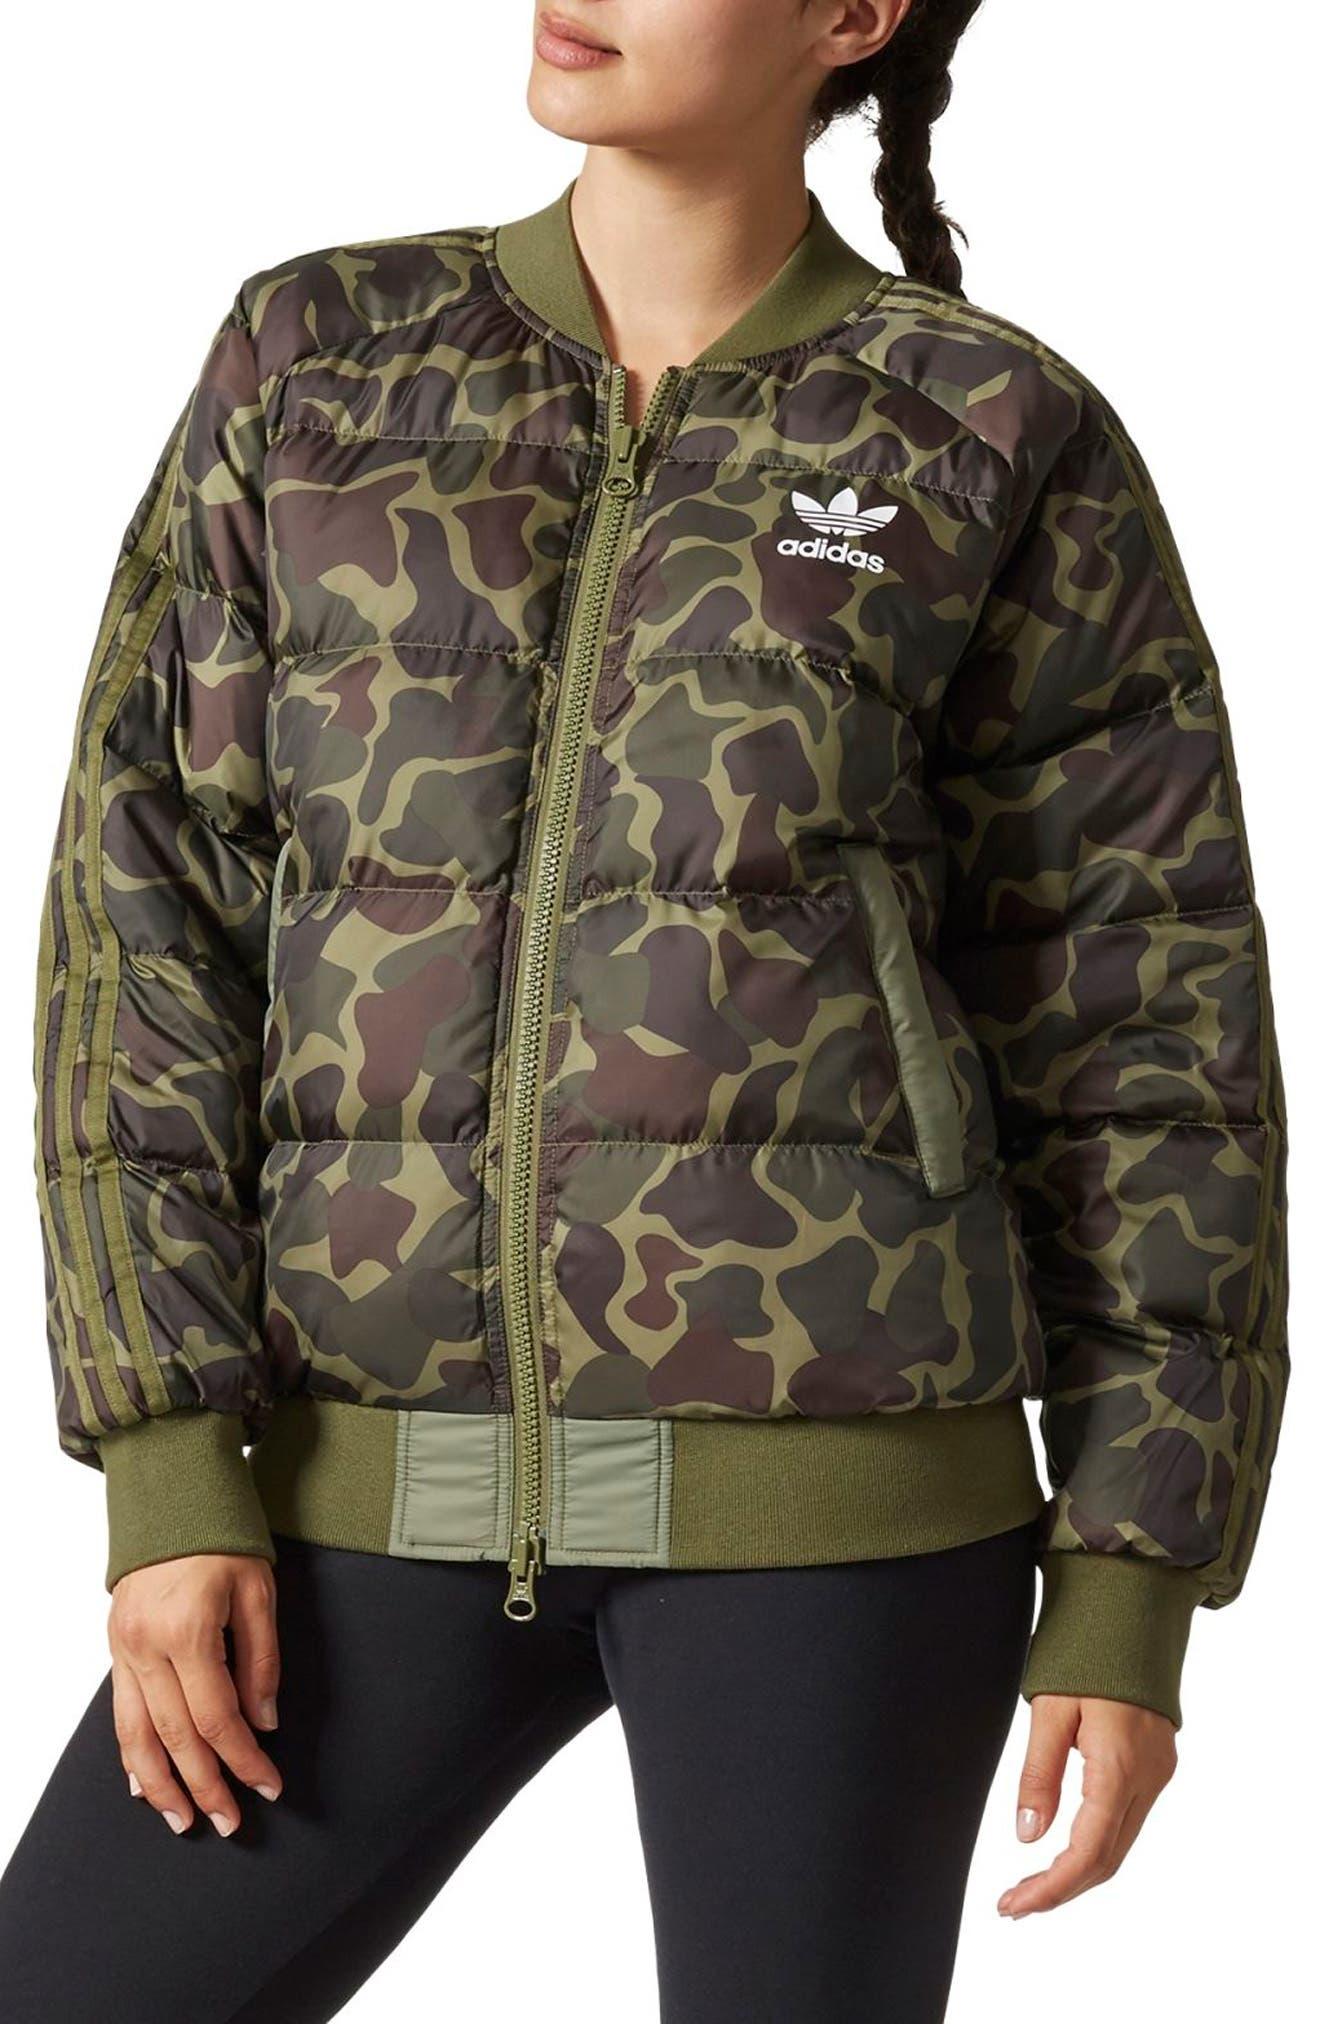 adidas Hu Hiking SST Pure Camo Bomber Jacket NWT